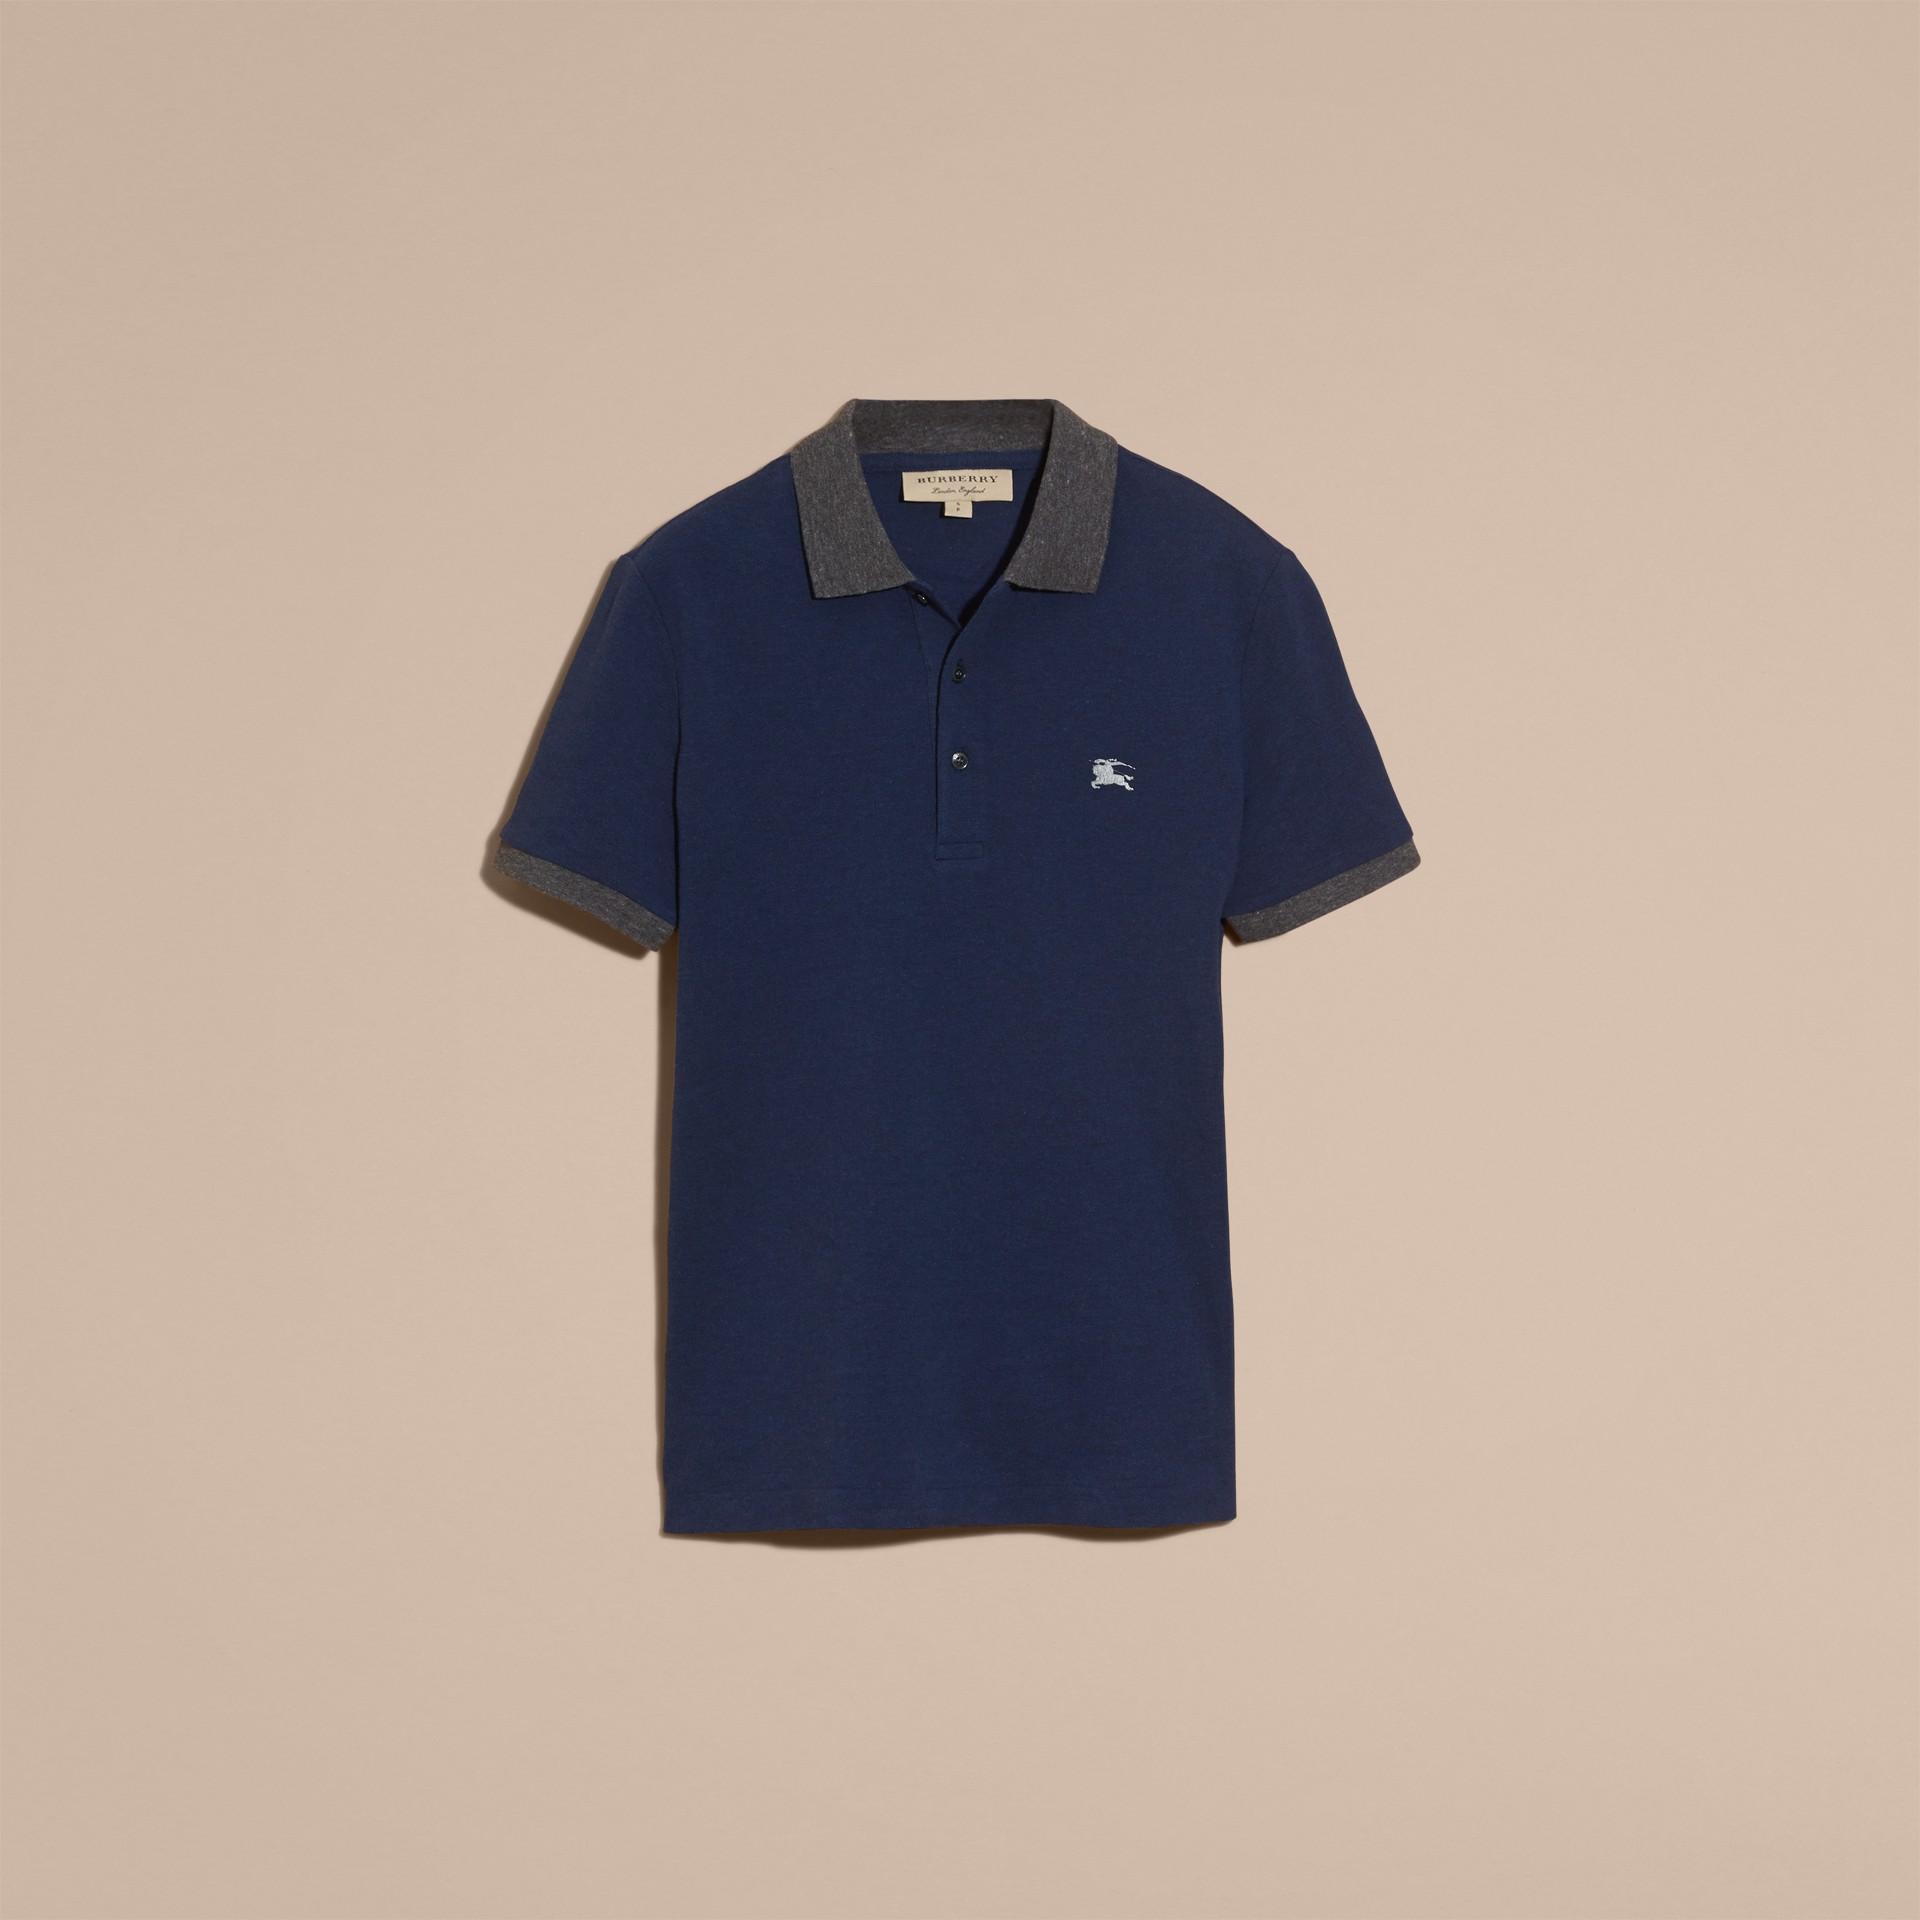 Navy mélange Polo in cotone piqué con dettaglio dal colore a contrasto Navy Mélange - immagine della galleria 4